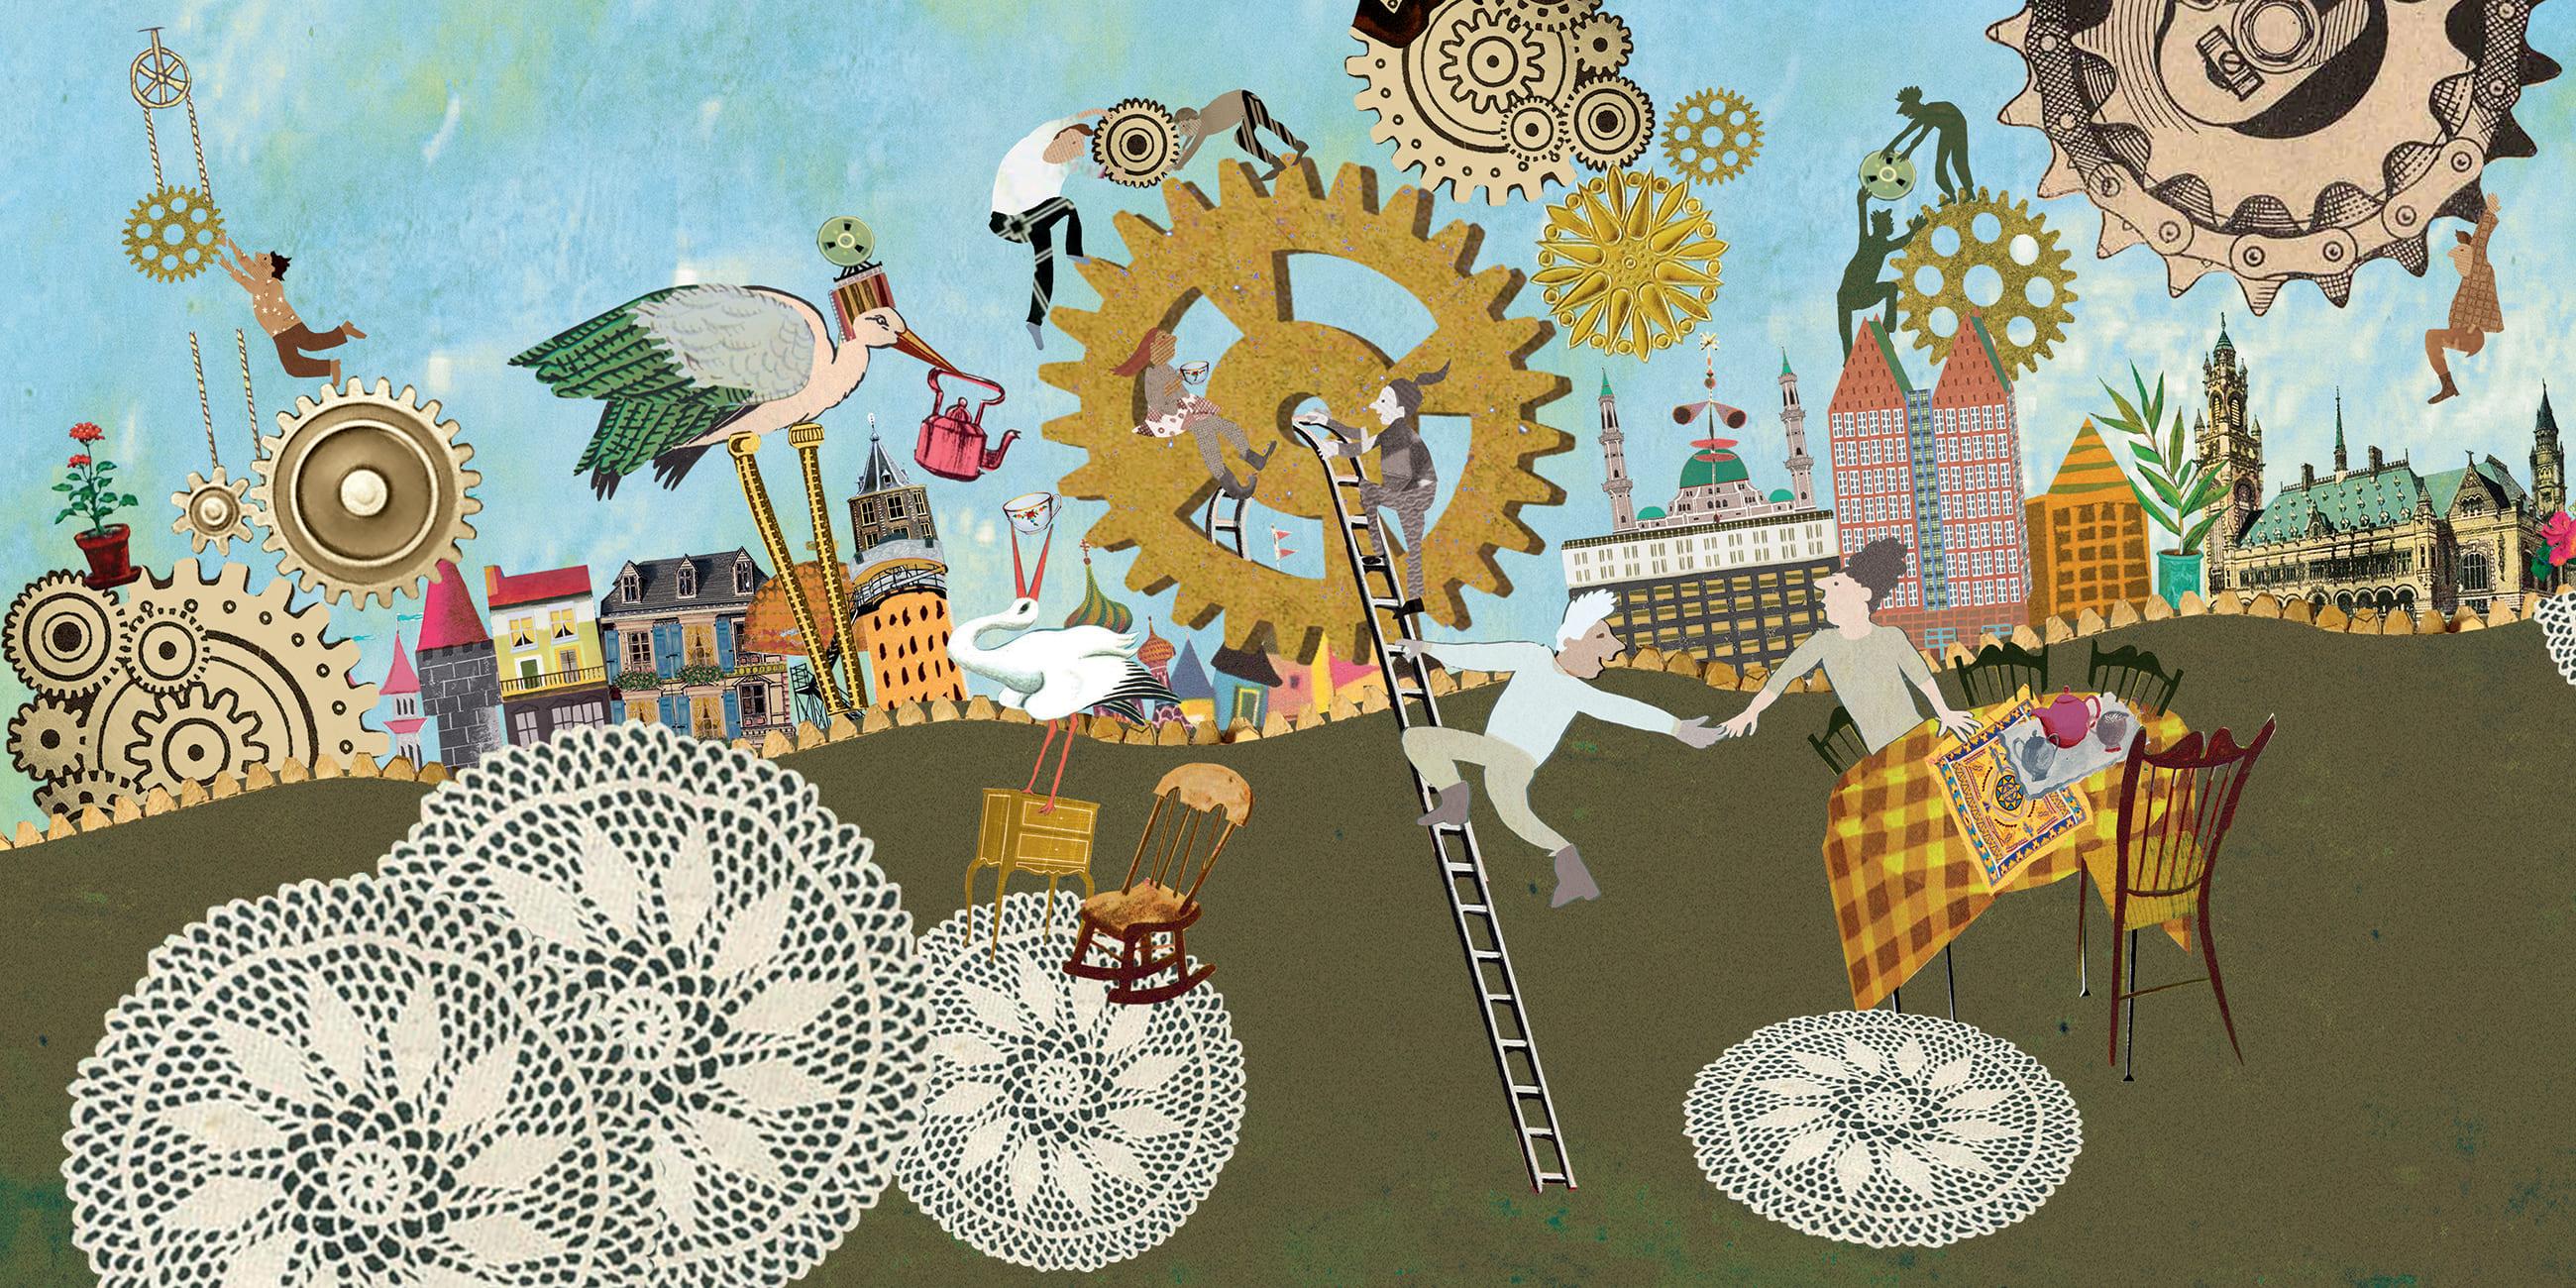 Haagse huiskamer den haag illustratie collage grootzus promo professioneel promotie vluchteling integratie samenleving platform stad ooievaar thee